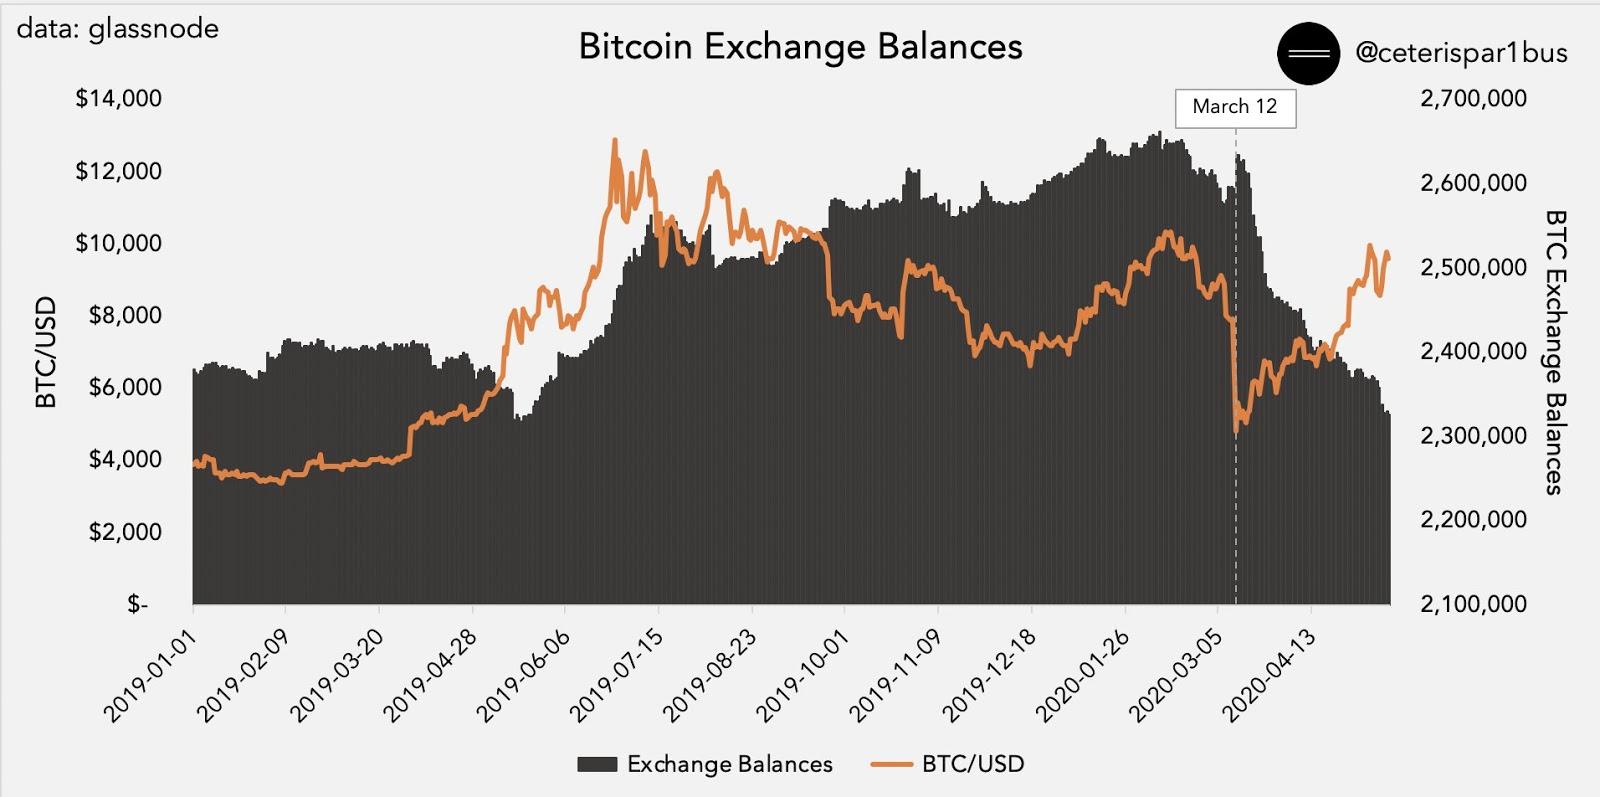 lucro em ouro bitcoin gtx 1070 resenha de tdoptions broker de negociação de opções binárias negociação de ações da rede neural convolucional